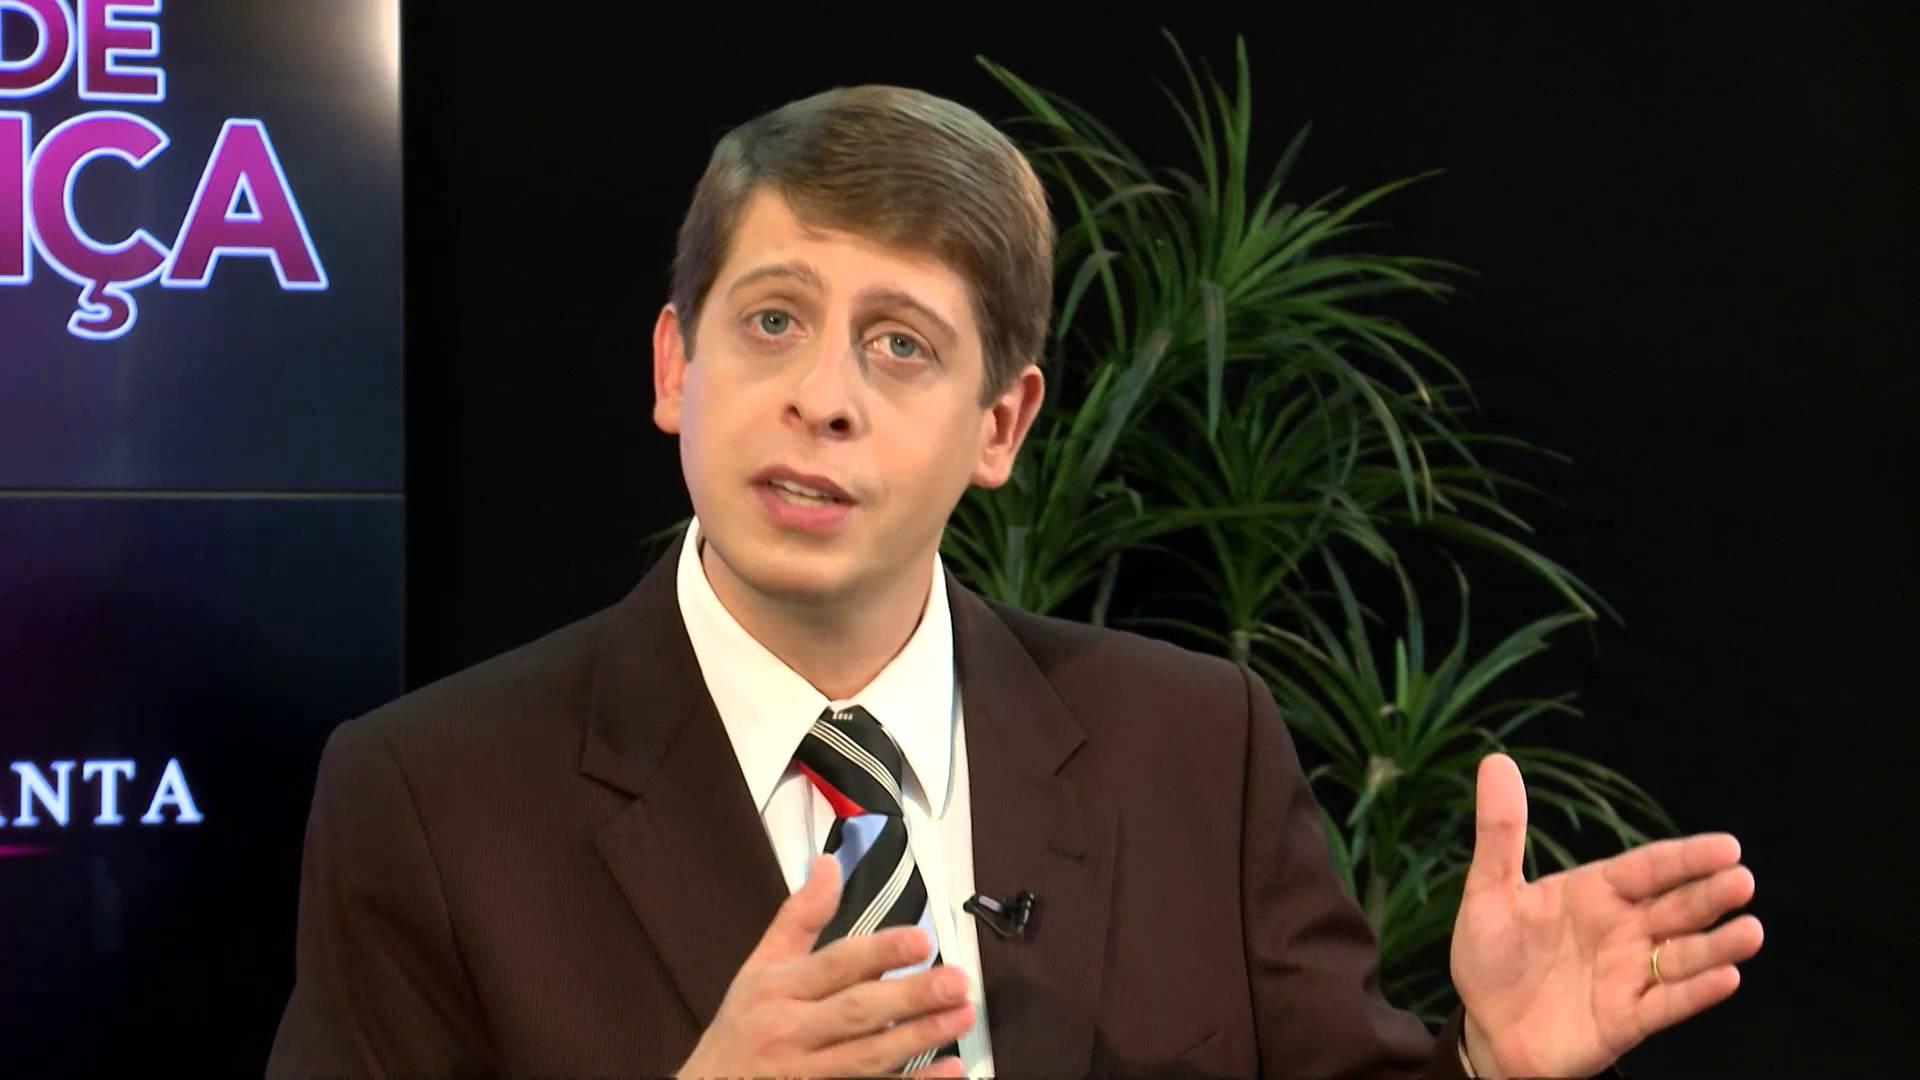 Sermão  #6 O Encontro com Simão, Cireneu – Semana Santa 2013 da Igreja Adventista